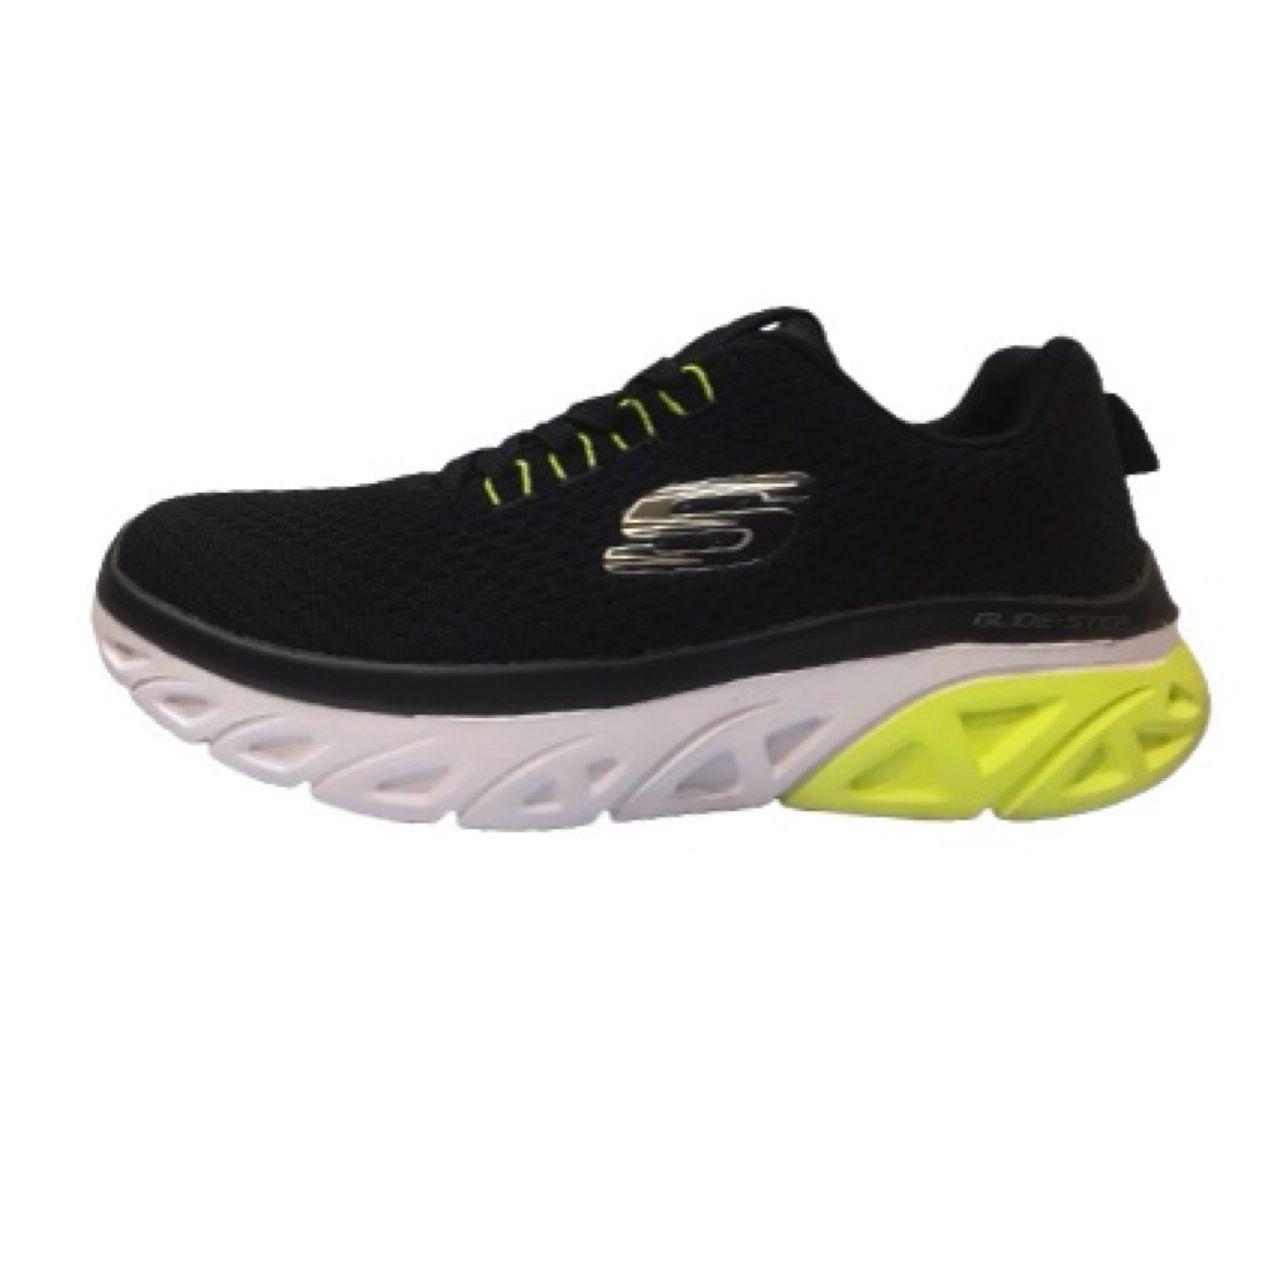 کفش پیاده روی مردانه اسکچرز مدل GLIDE-STEP